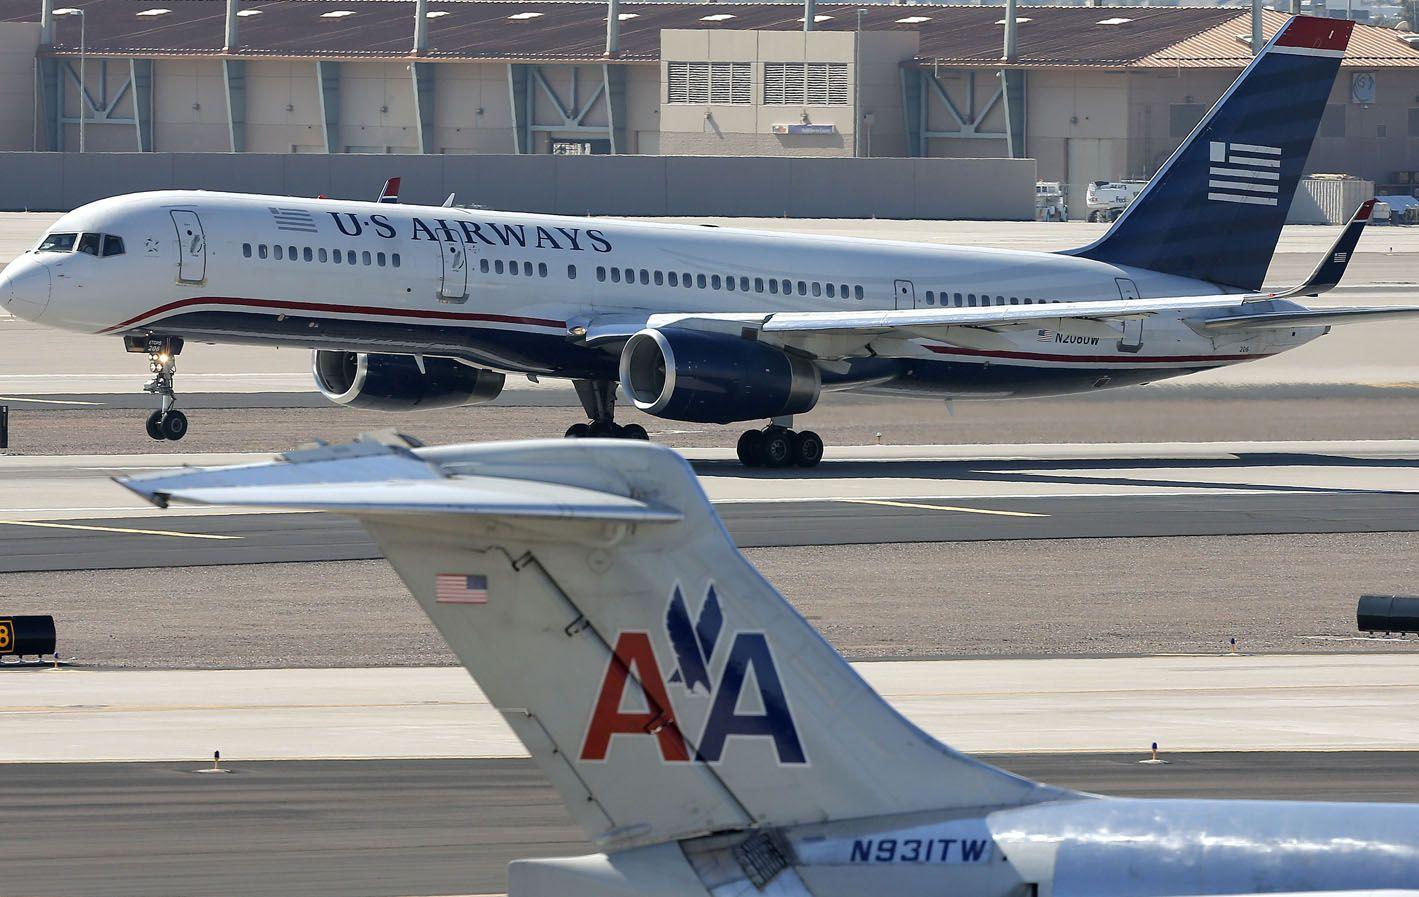 Le cortan las alas. La anunciada fusión entre las dos grandes aerolíneas de EEUU no termina de despegar.